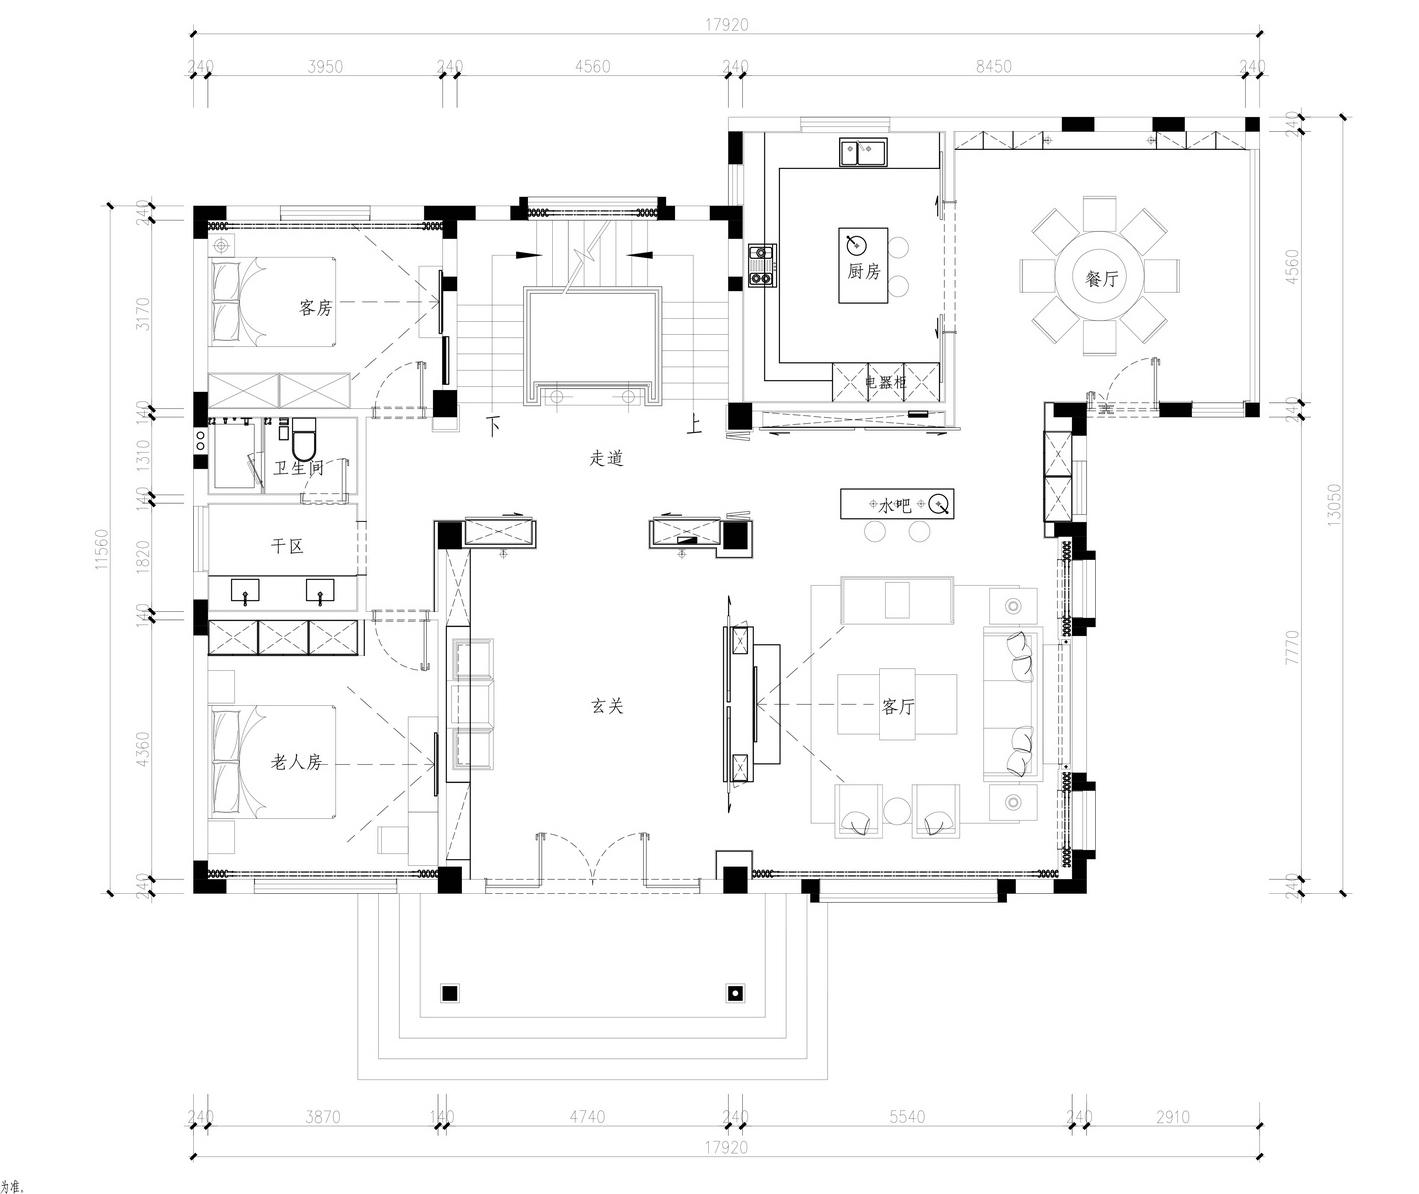 万城华府-法式-360平米装修设计理念